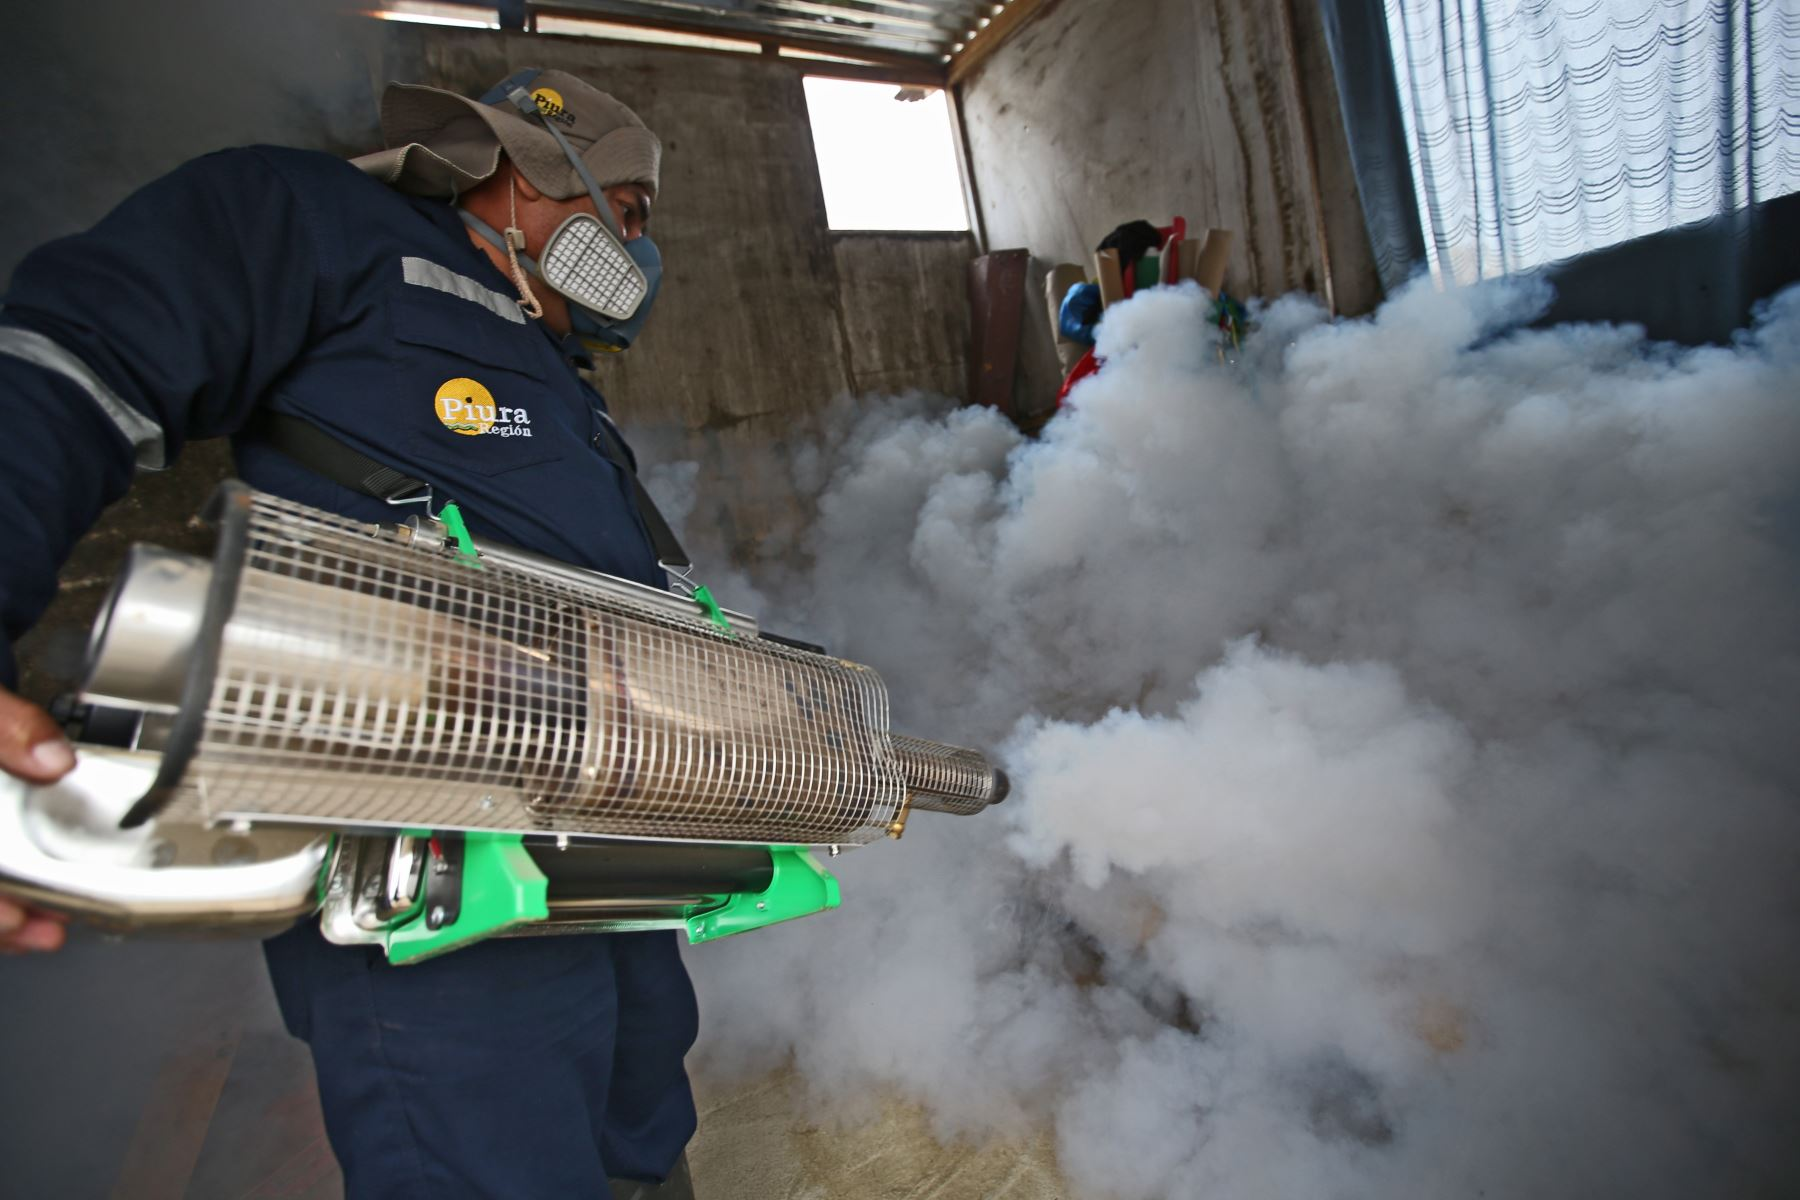 El Ministerio de Salud (Minsa) prorrogó, hasta el 31 de diciembre de 2017, la emergencia sanitaria en las regiones Áncash, Tumbes, Piura, Lambayeque, La Libertad e Ica, en vista que persiste el riesgo de brotes y epidemias de dengue y otras enfermedades transmitidas por el zancudo Aedes aegypti. ANDINA/archivo